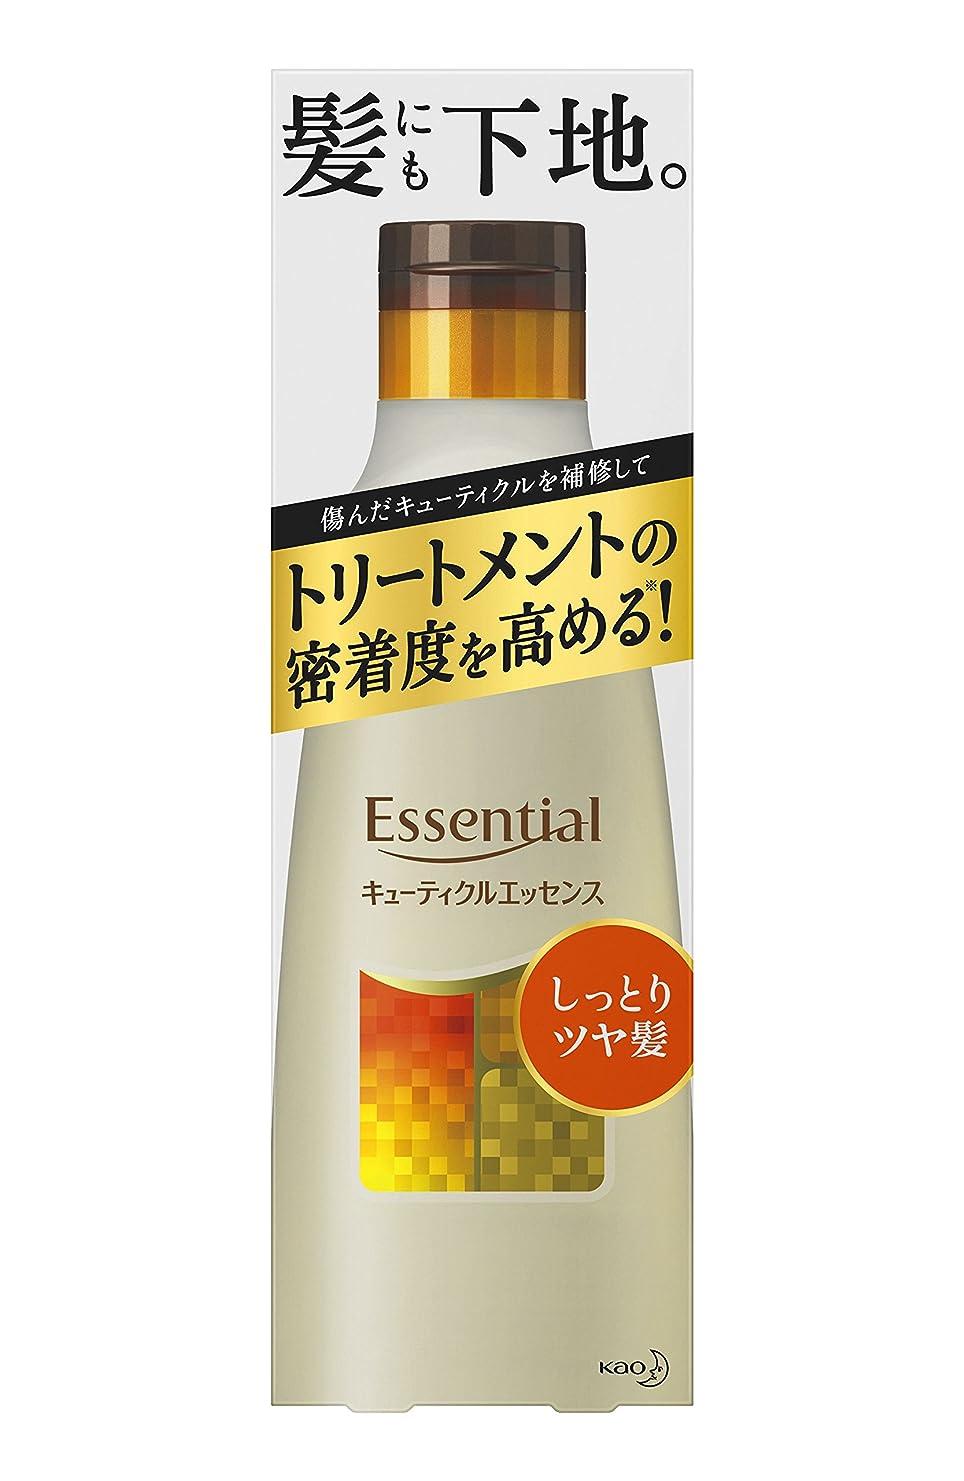 原始的なフォーラムエントリエッセンシャル しっとりツヤ髪 キューティクルエッセンス 250g (インバス用)